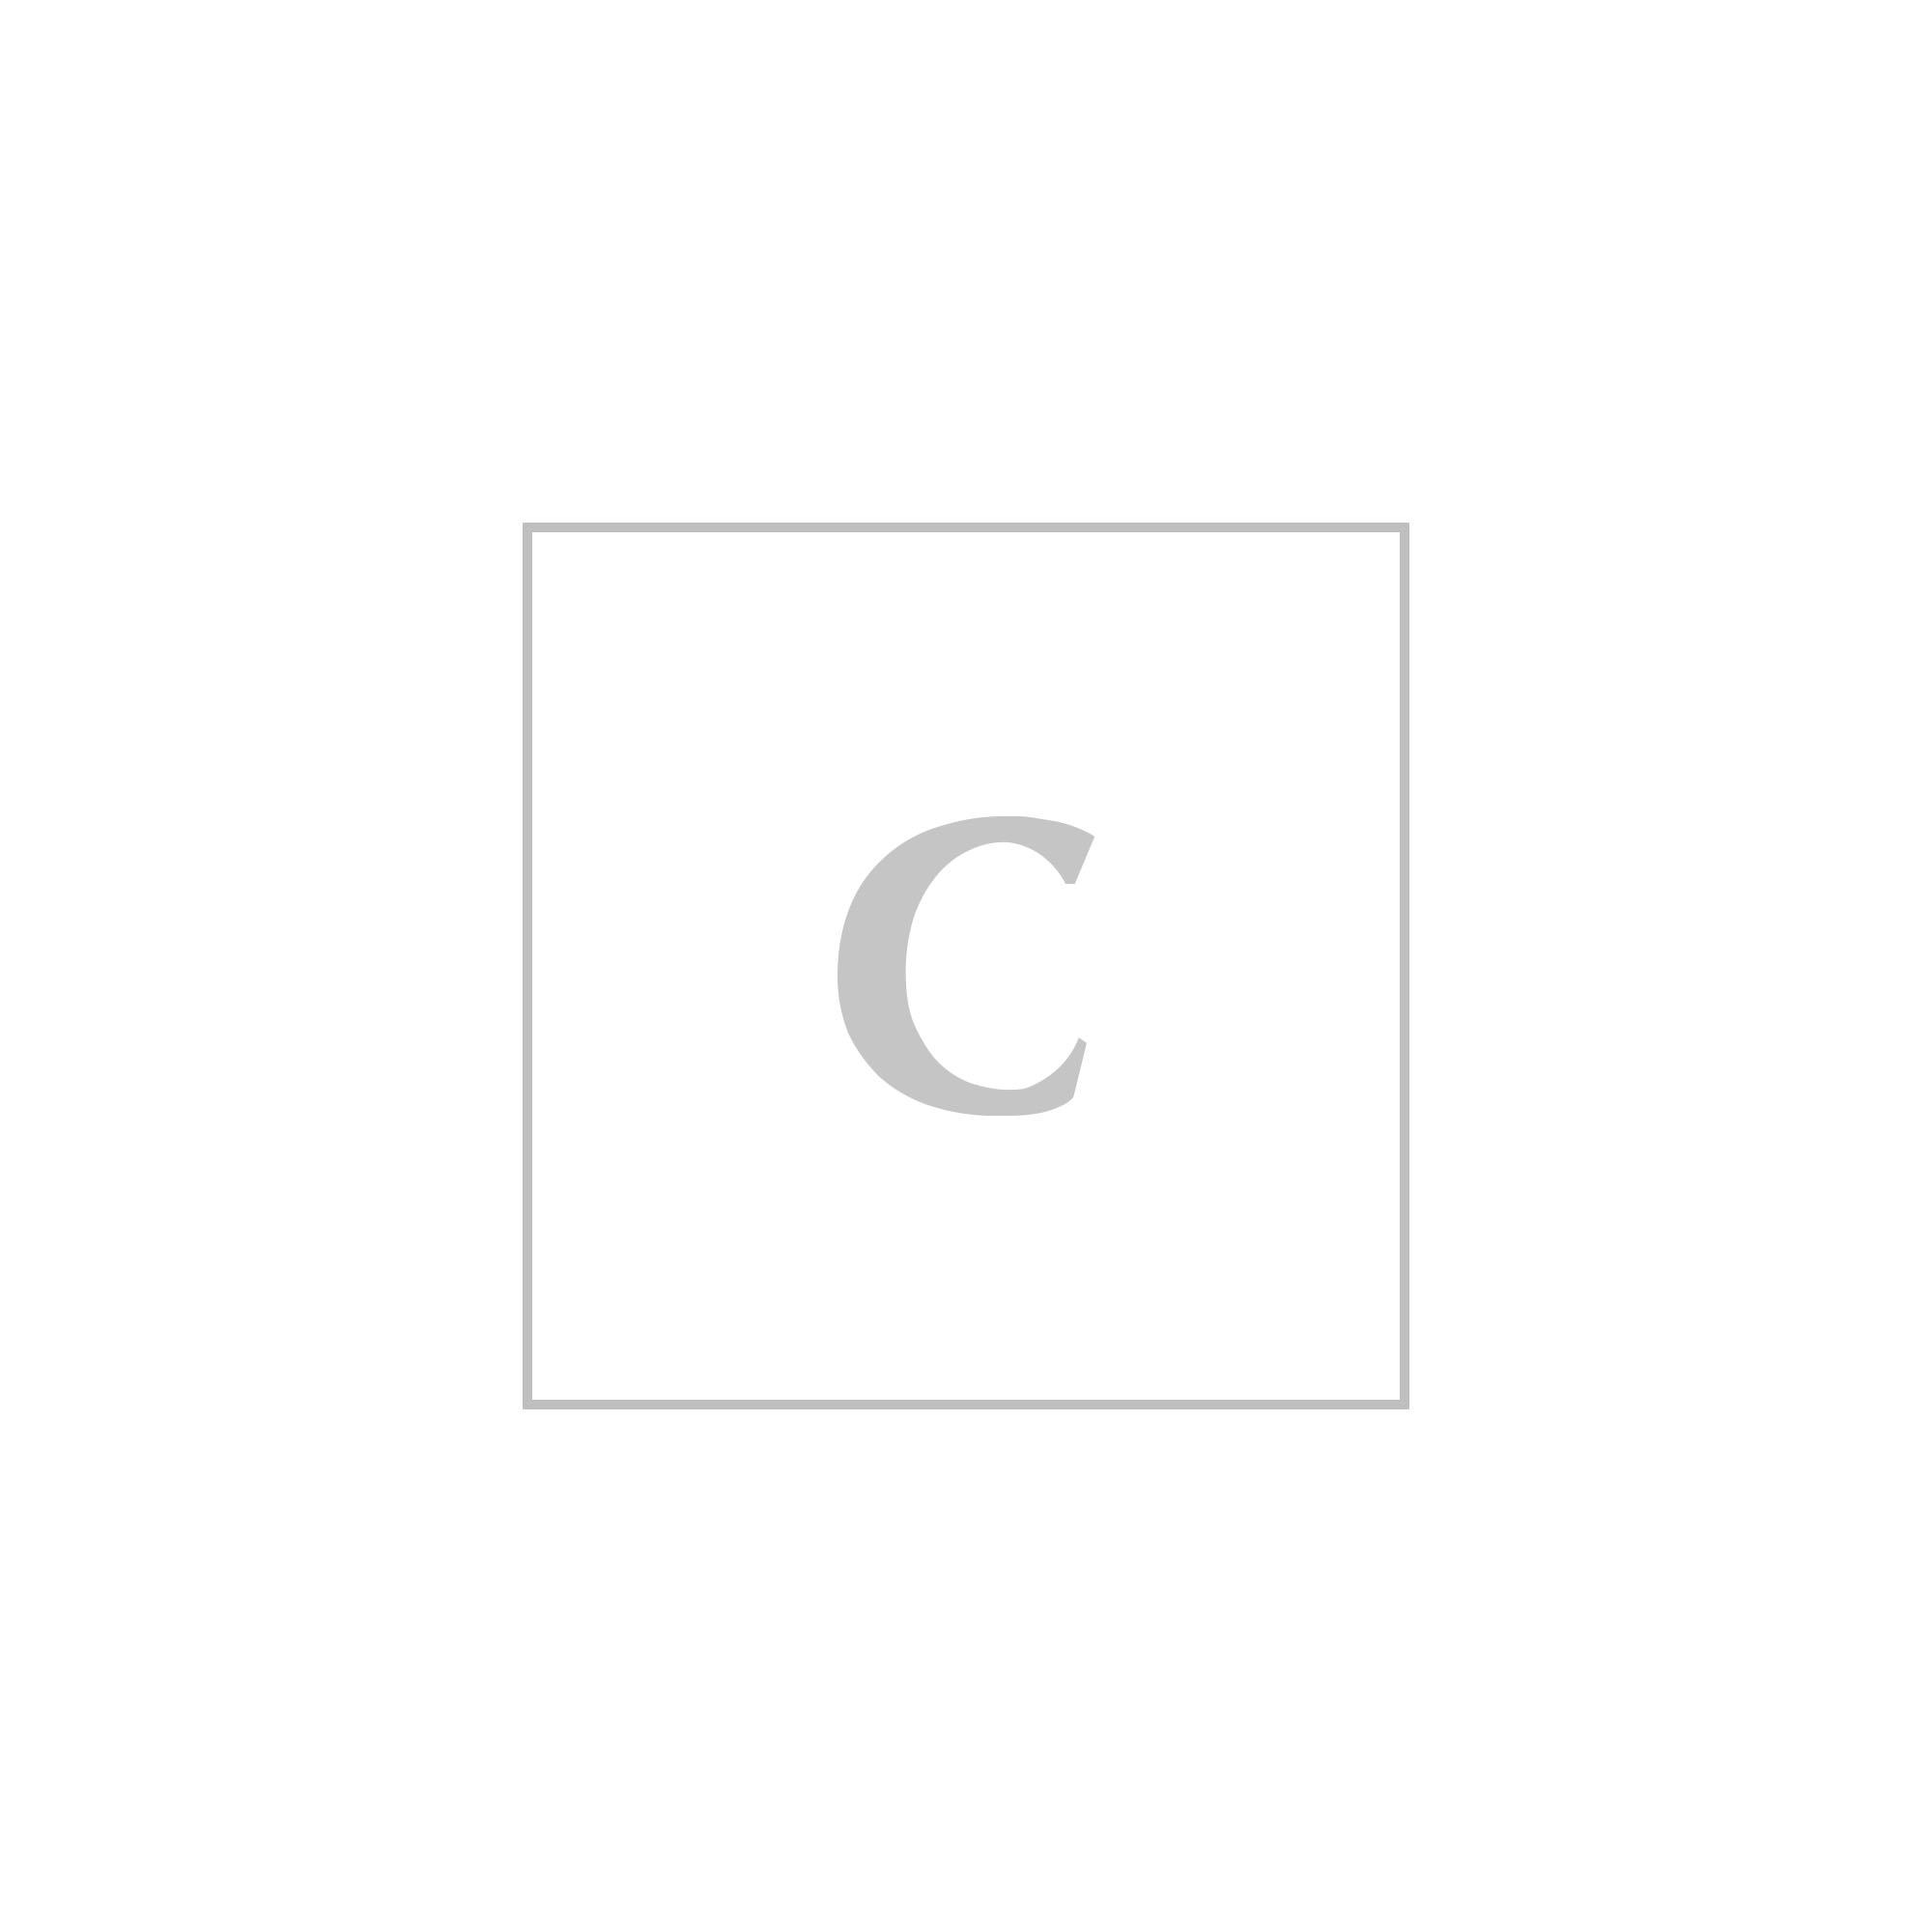 Benincasa Da Misto Donna Coltorti Cappotti Giada Boutique Bqw6xUw